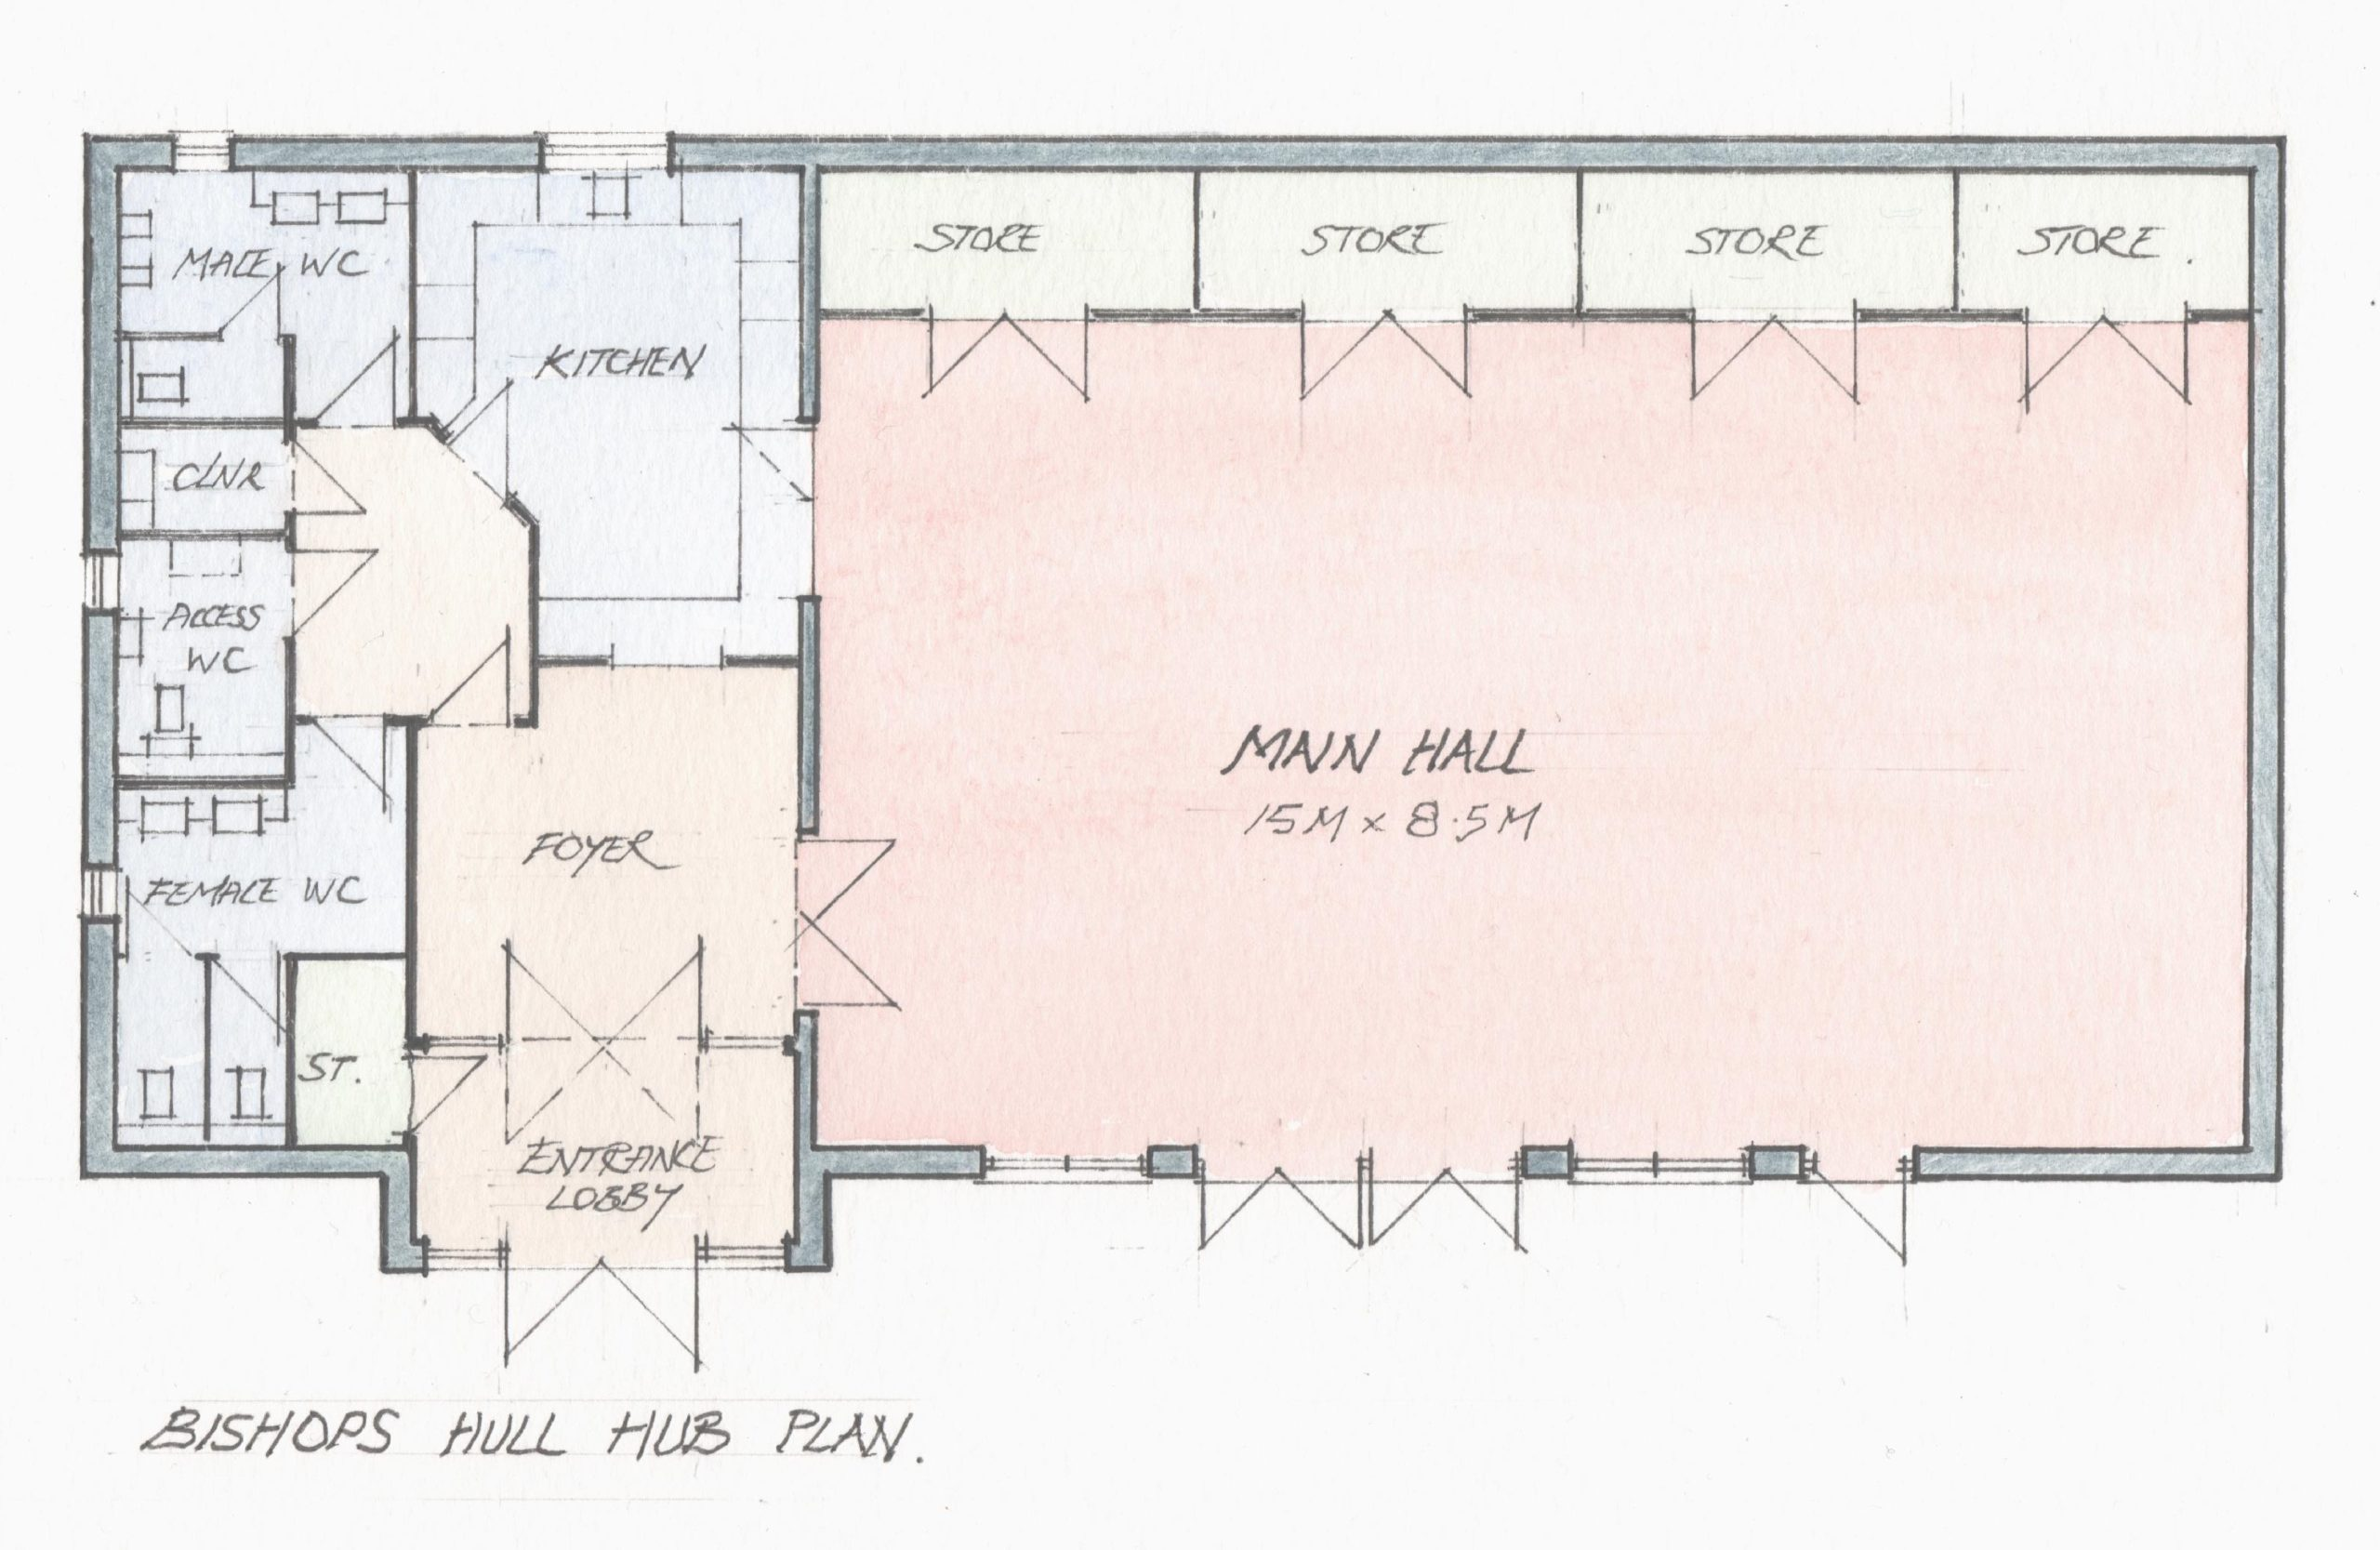 Bishops Hull Hub Plan